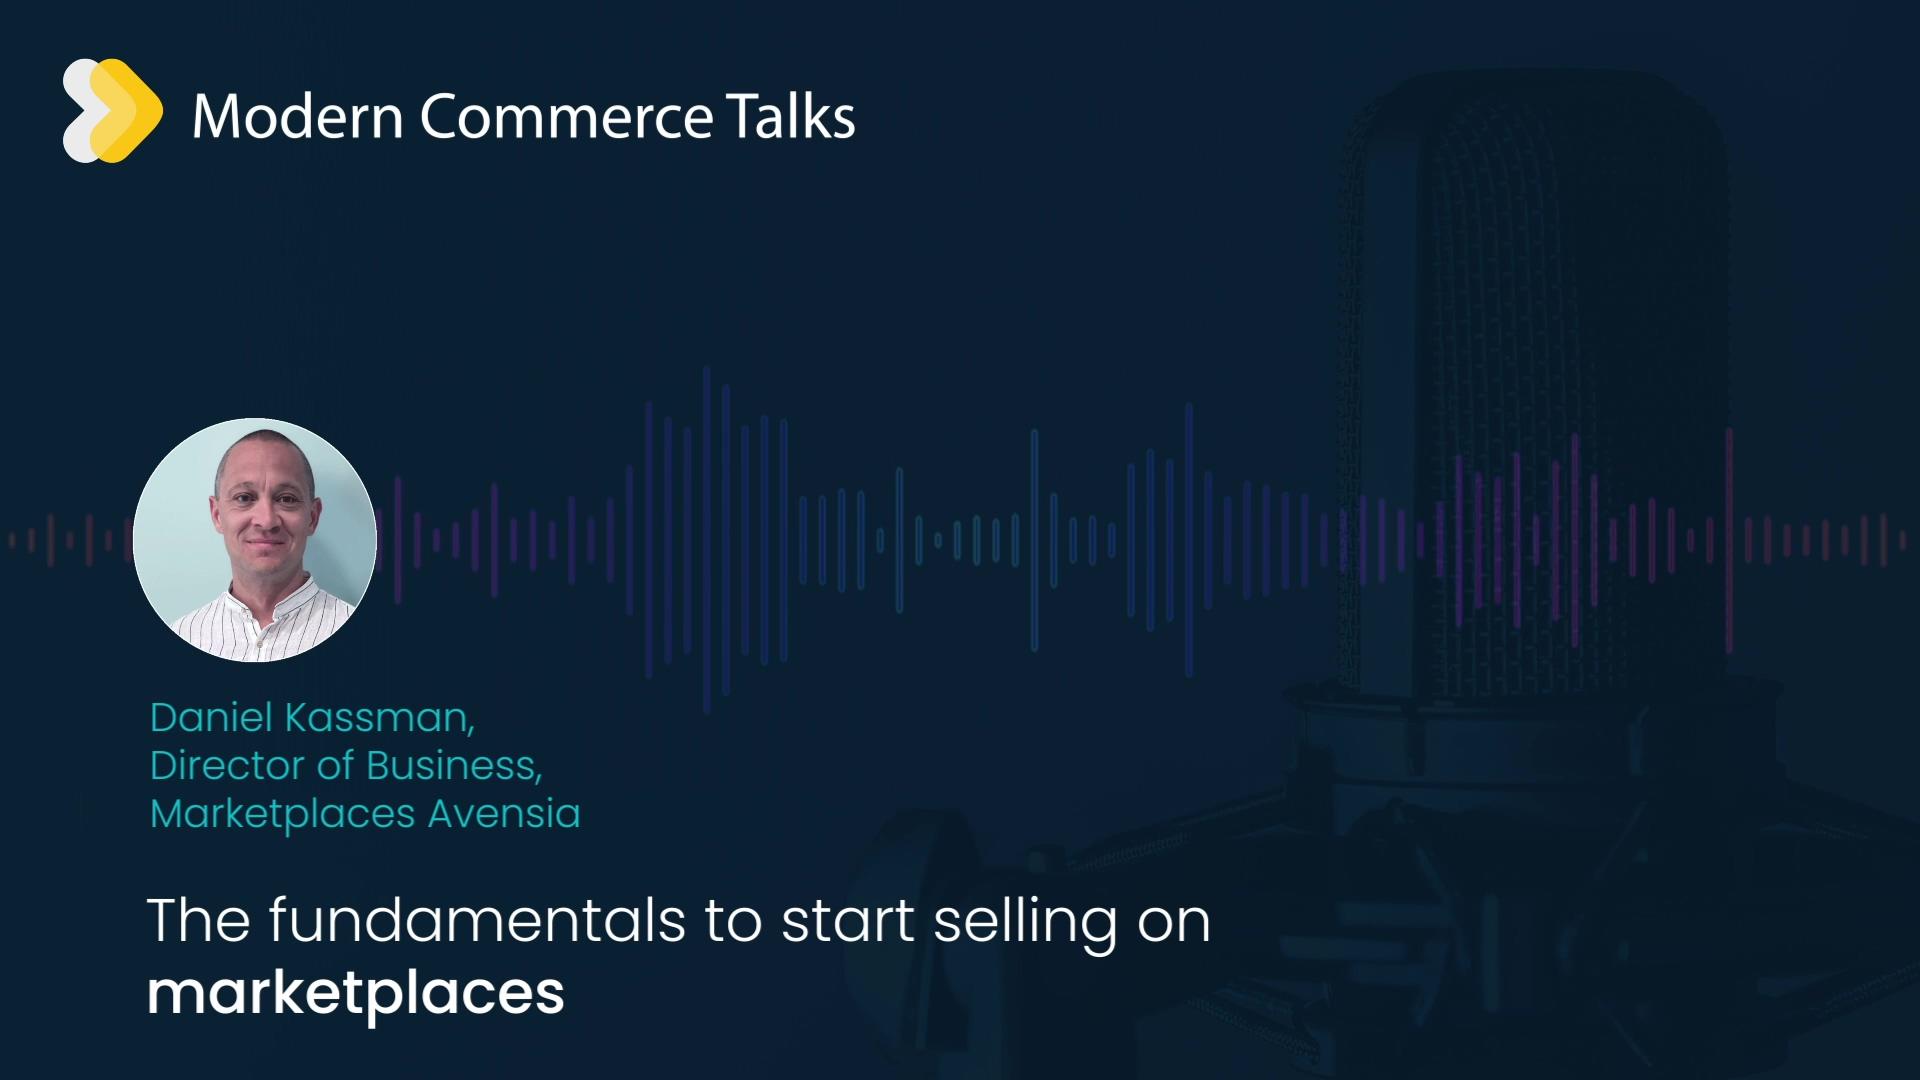 Modern Commerce Talks - Fundamentals for marketplaces - CTA